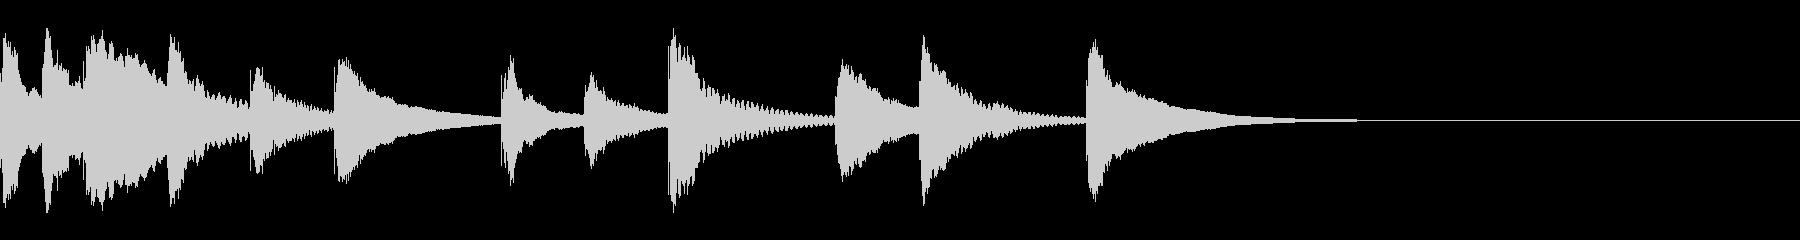 シロフォンの元気な3秒ジングルの未再生の波形